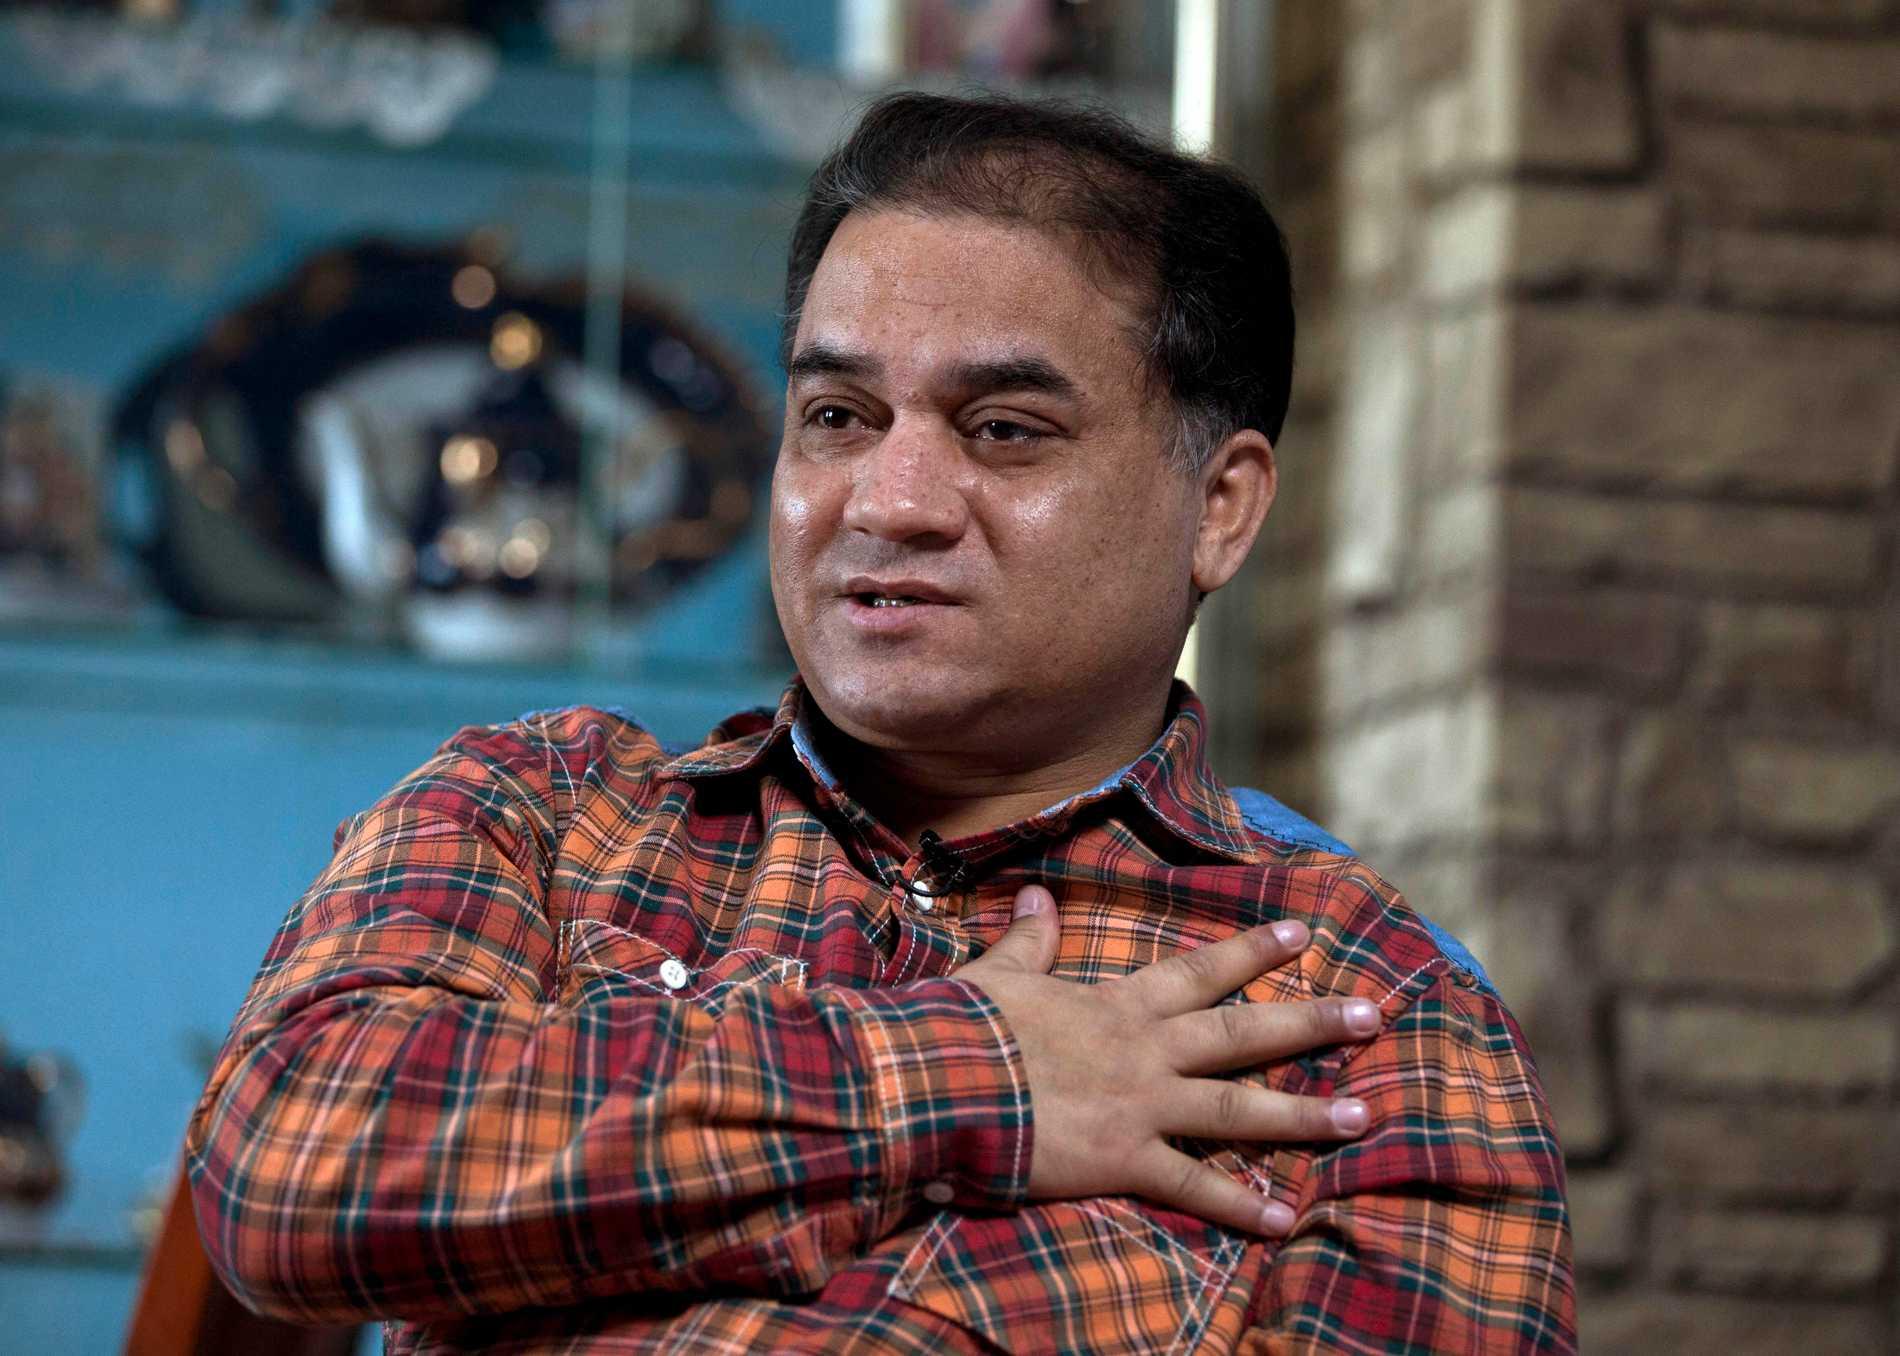 Uiguraktivisten Ilham Tohti, fängslad i Kina sedan 2014, får årets Sacharov-pris av EU-parlamentet. Arkivfoto.